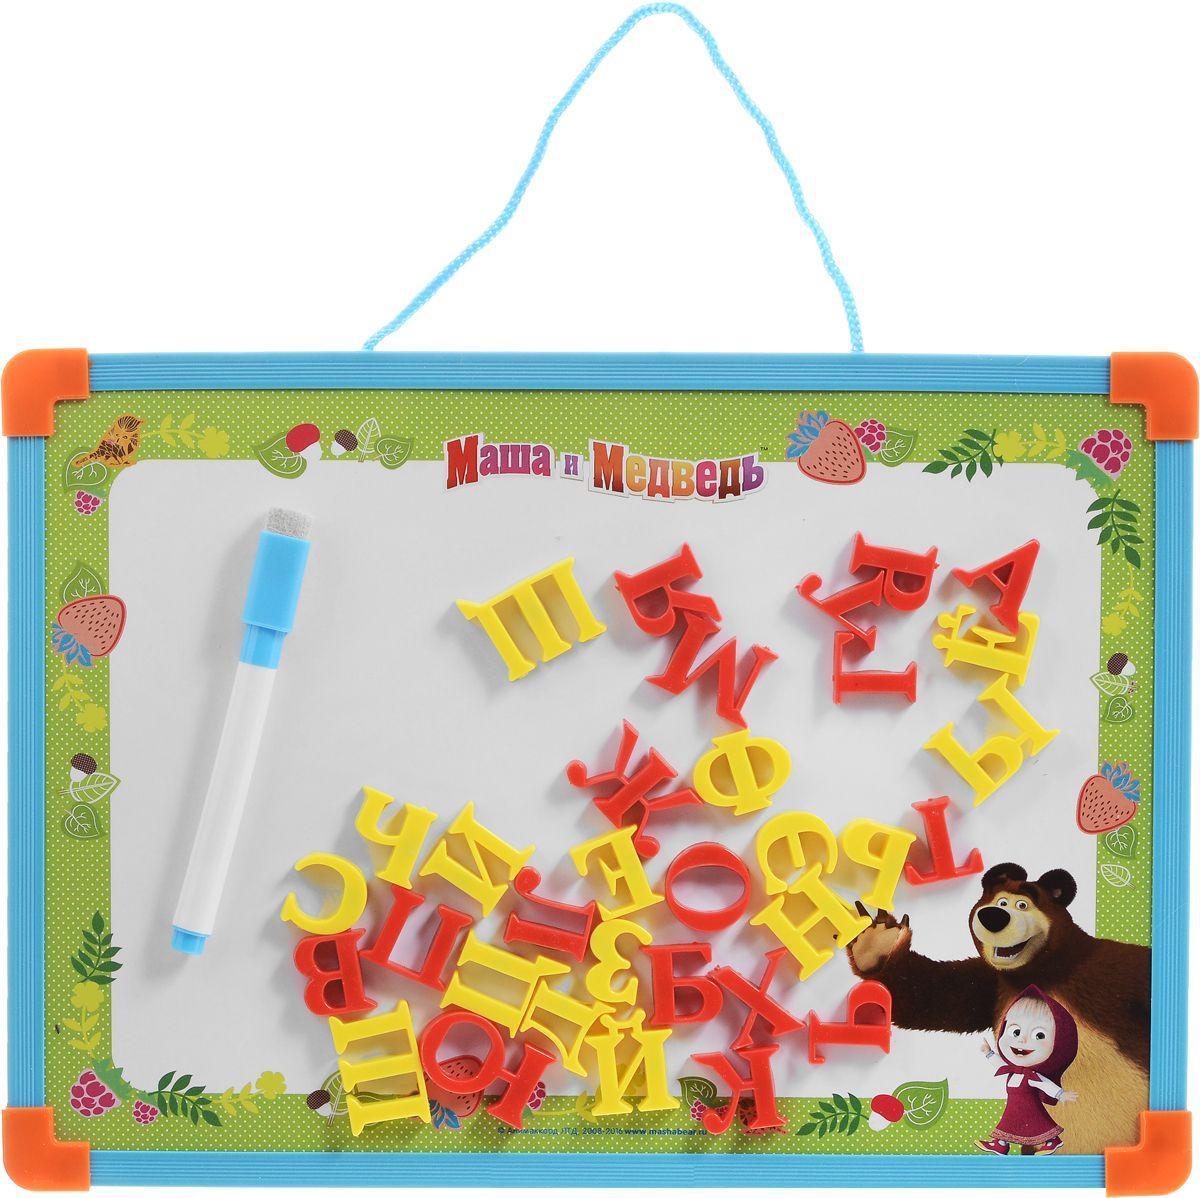 Альбомы и доски для рисования Играем вместе Маша и Медведь цена